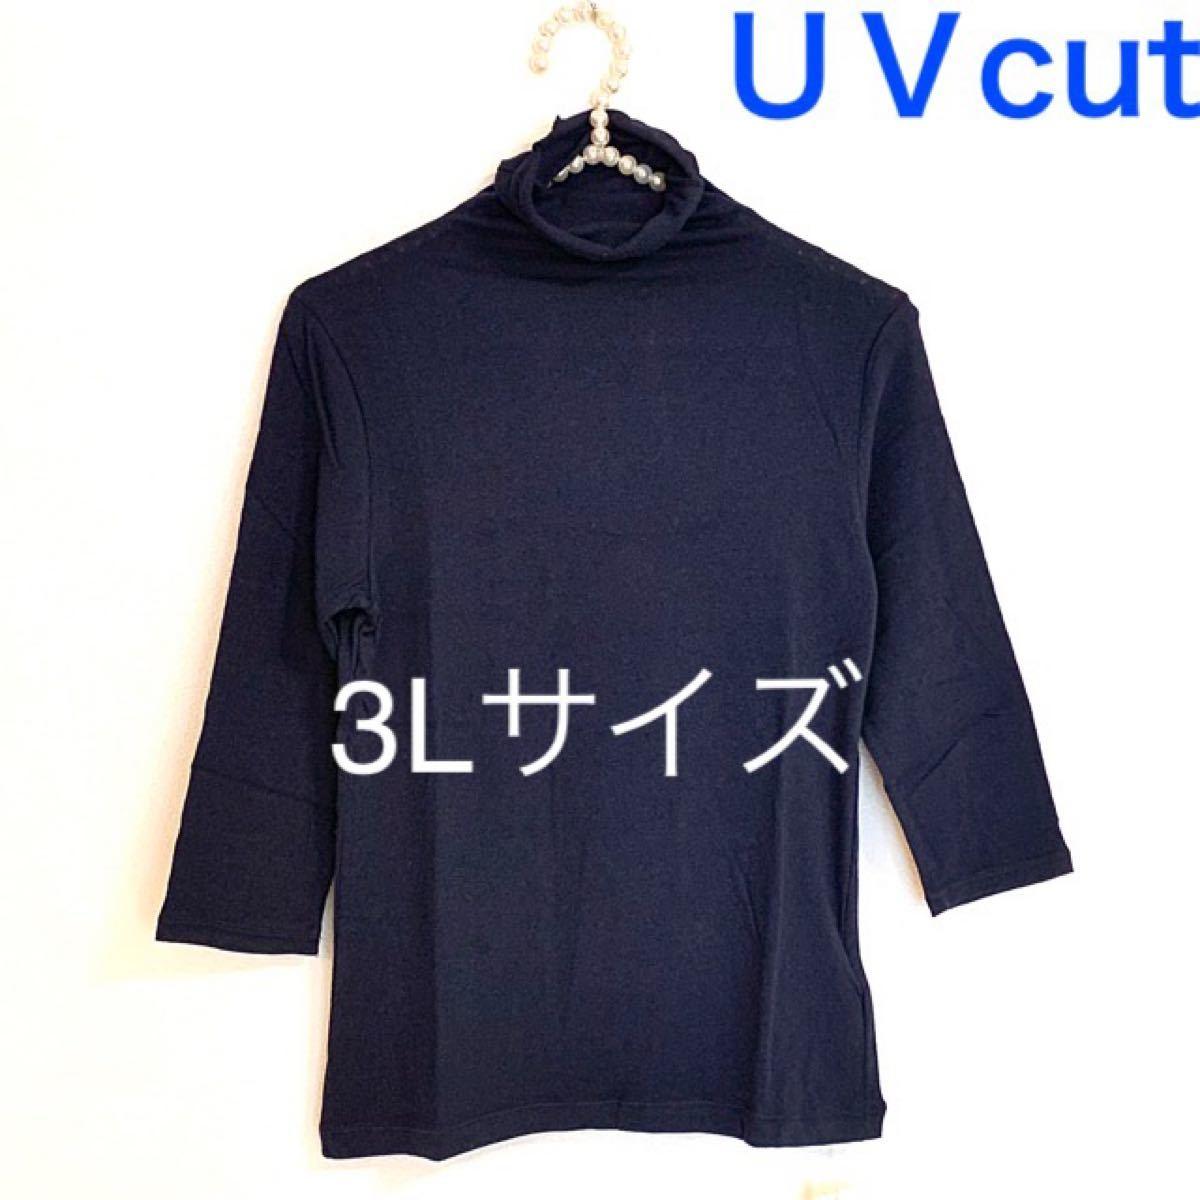 7分袖【3Lサイズ】ネイビー★UVカットハイネックカットソー